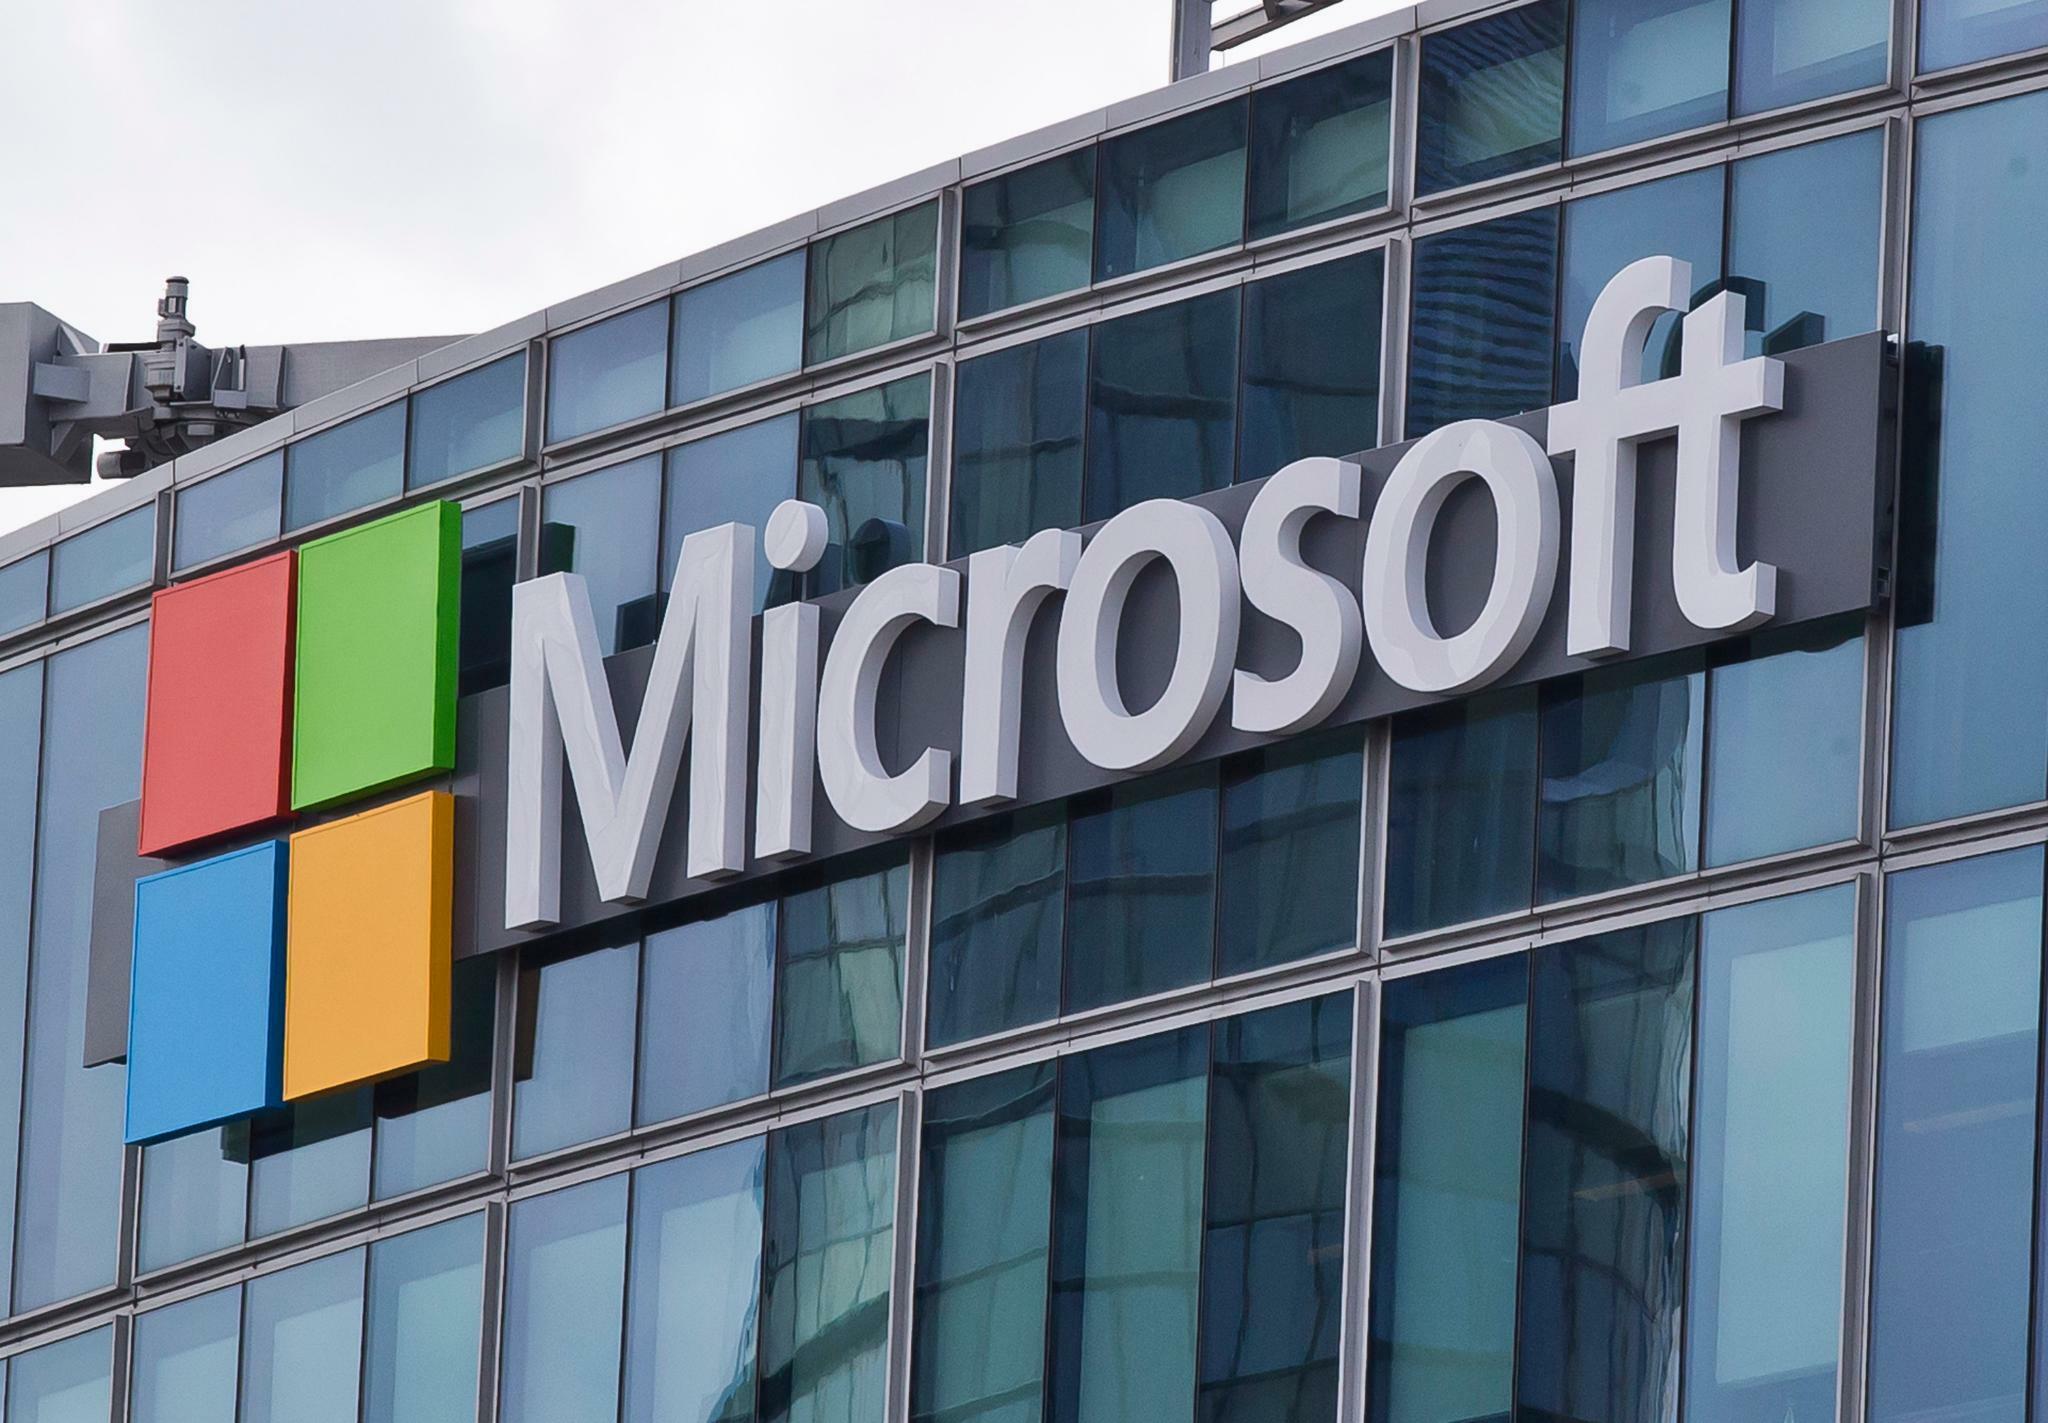 Technologiekonzern: Microsoft bekommt Lizenz für Software-Lieferungen an Huawei